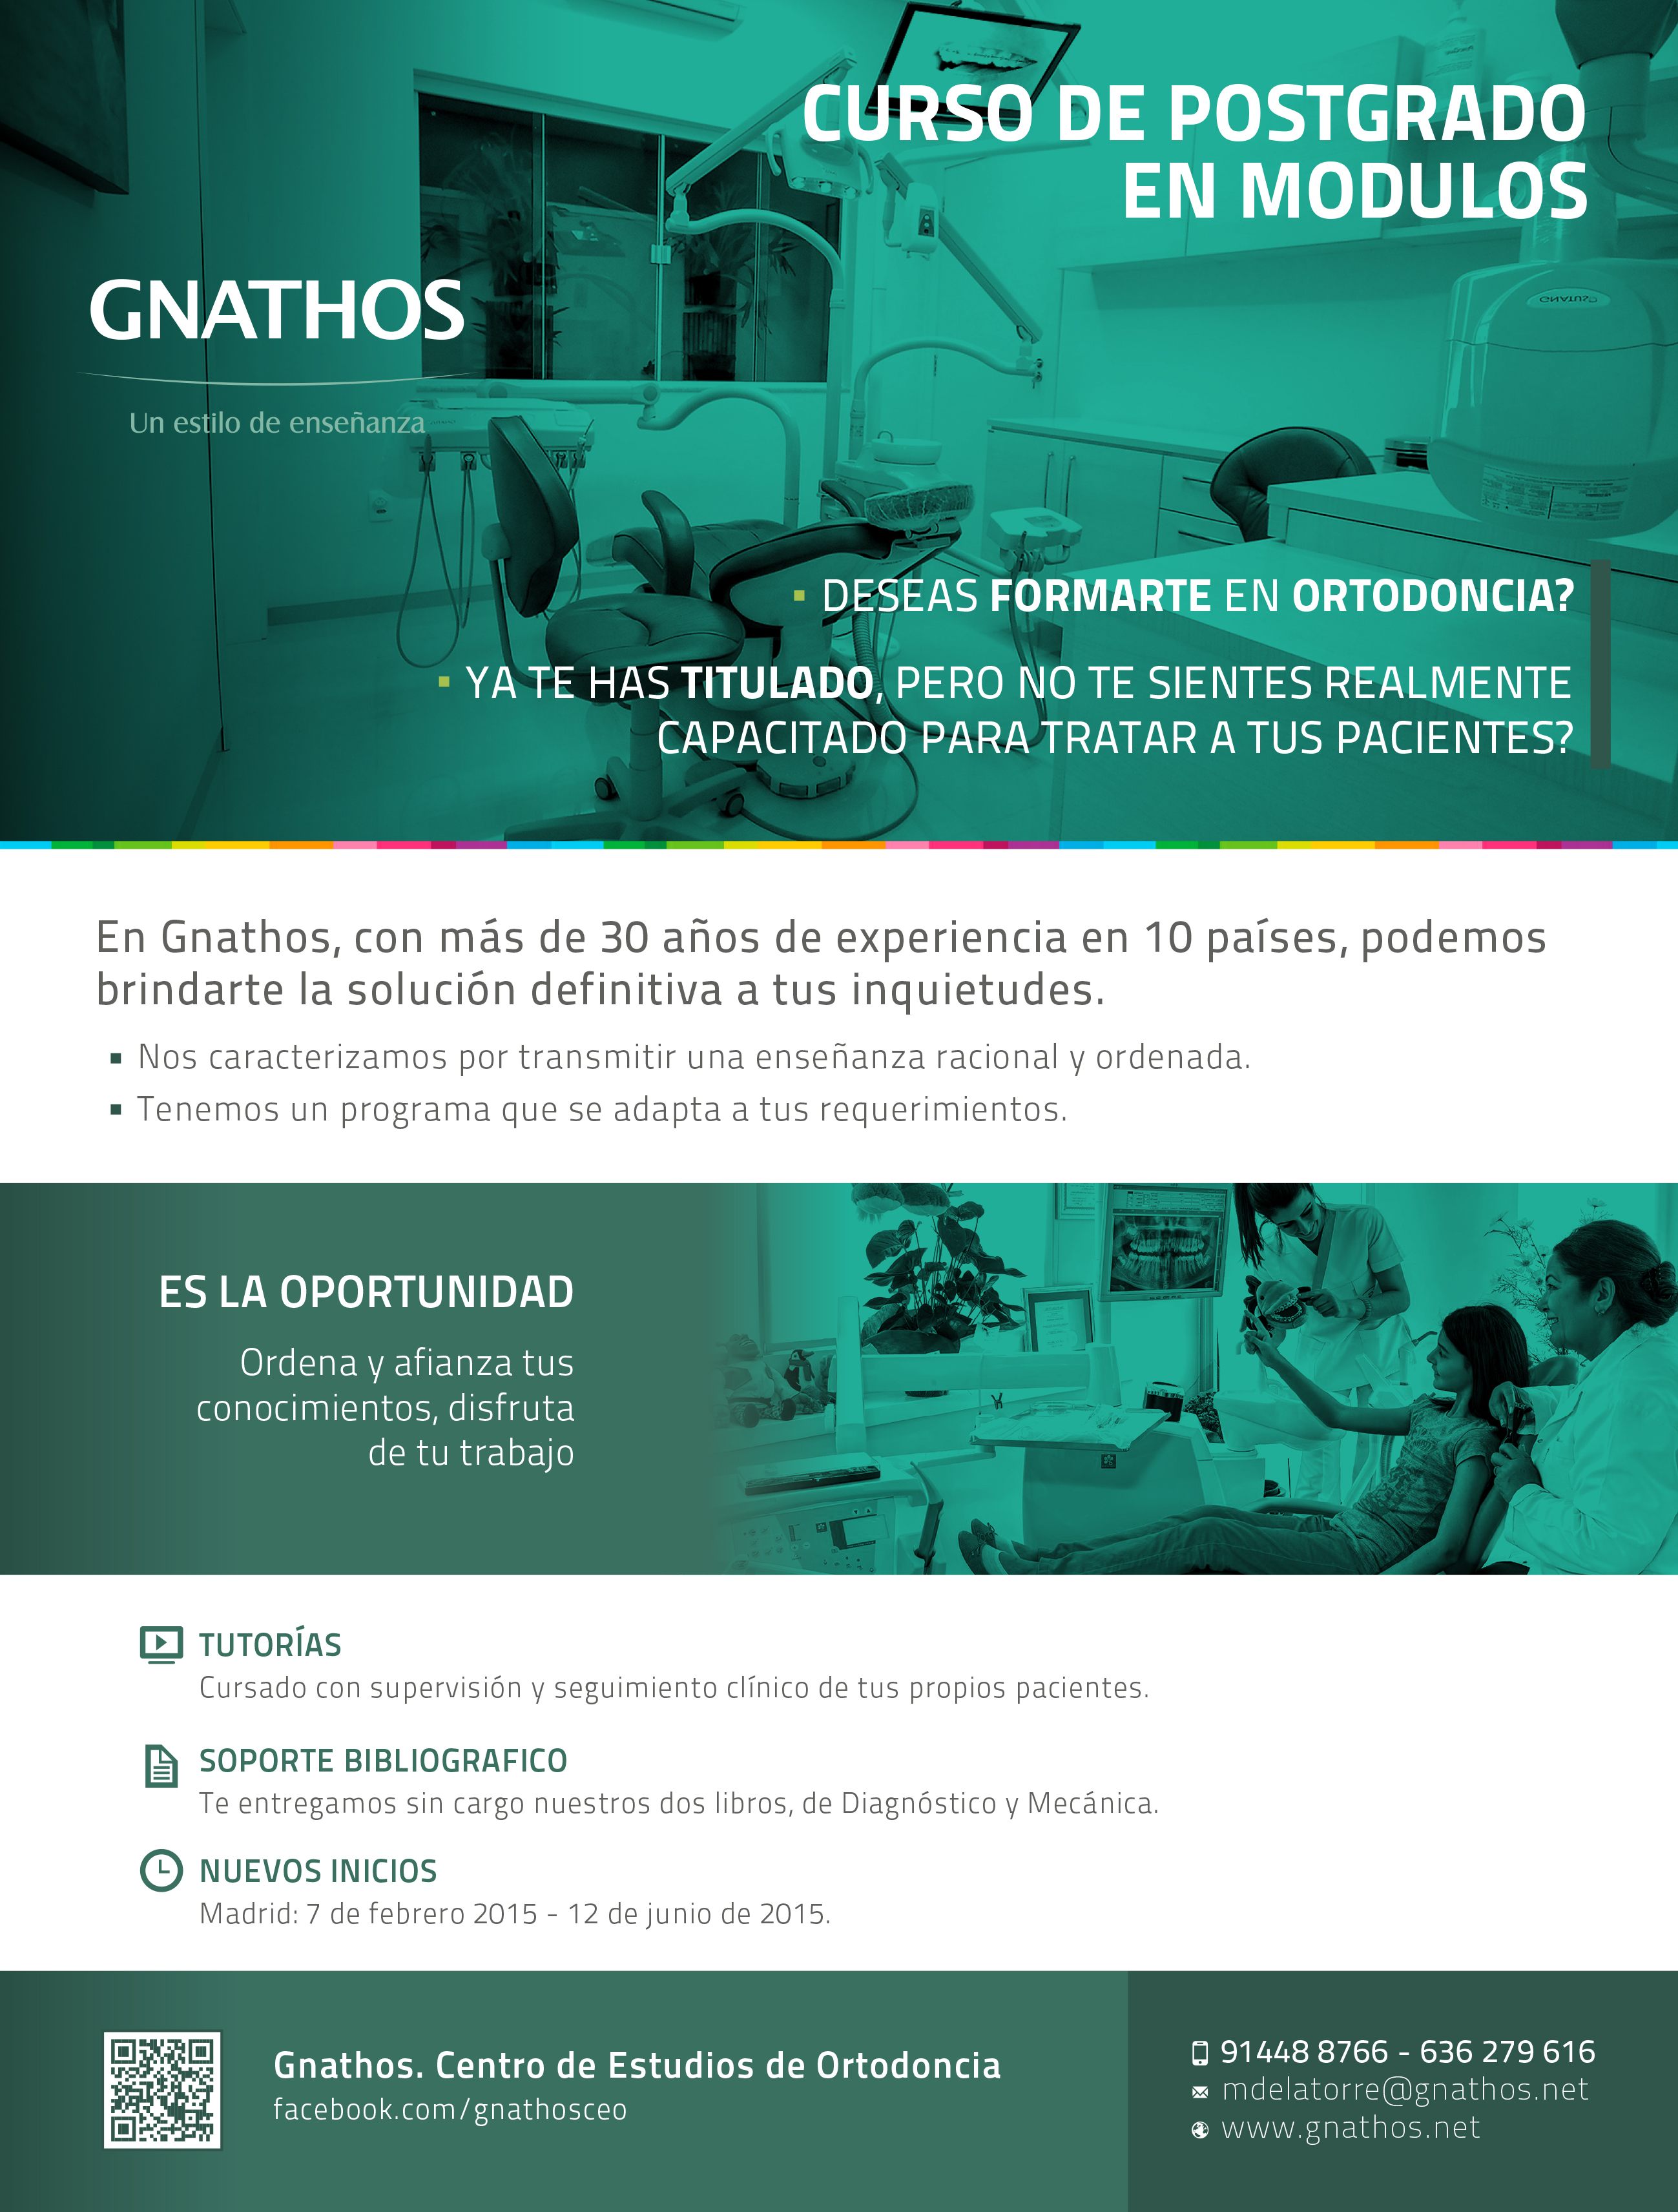 Curso de Postgrado en Ortodoncia - Gnathos Centro de Estudios de Ortodoncia